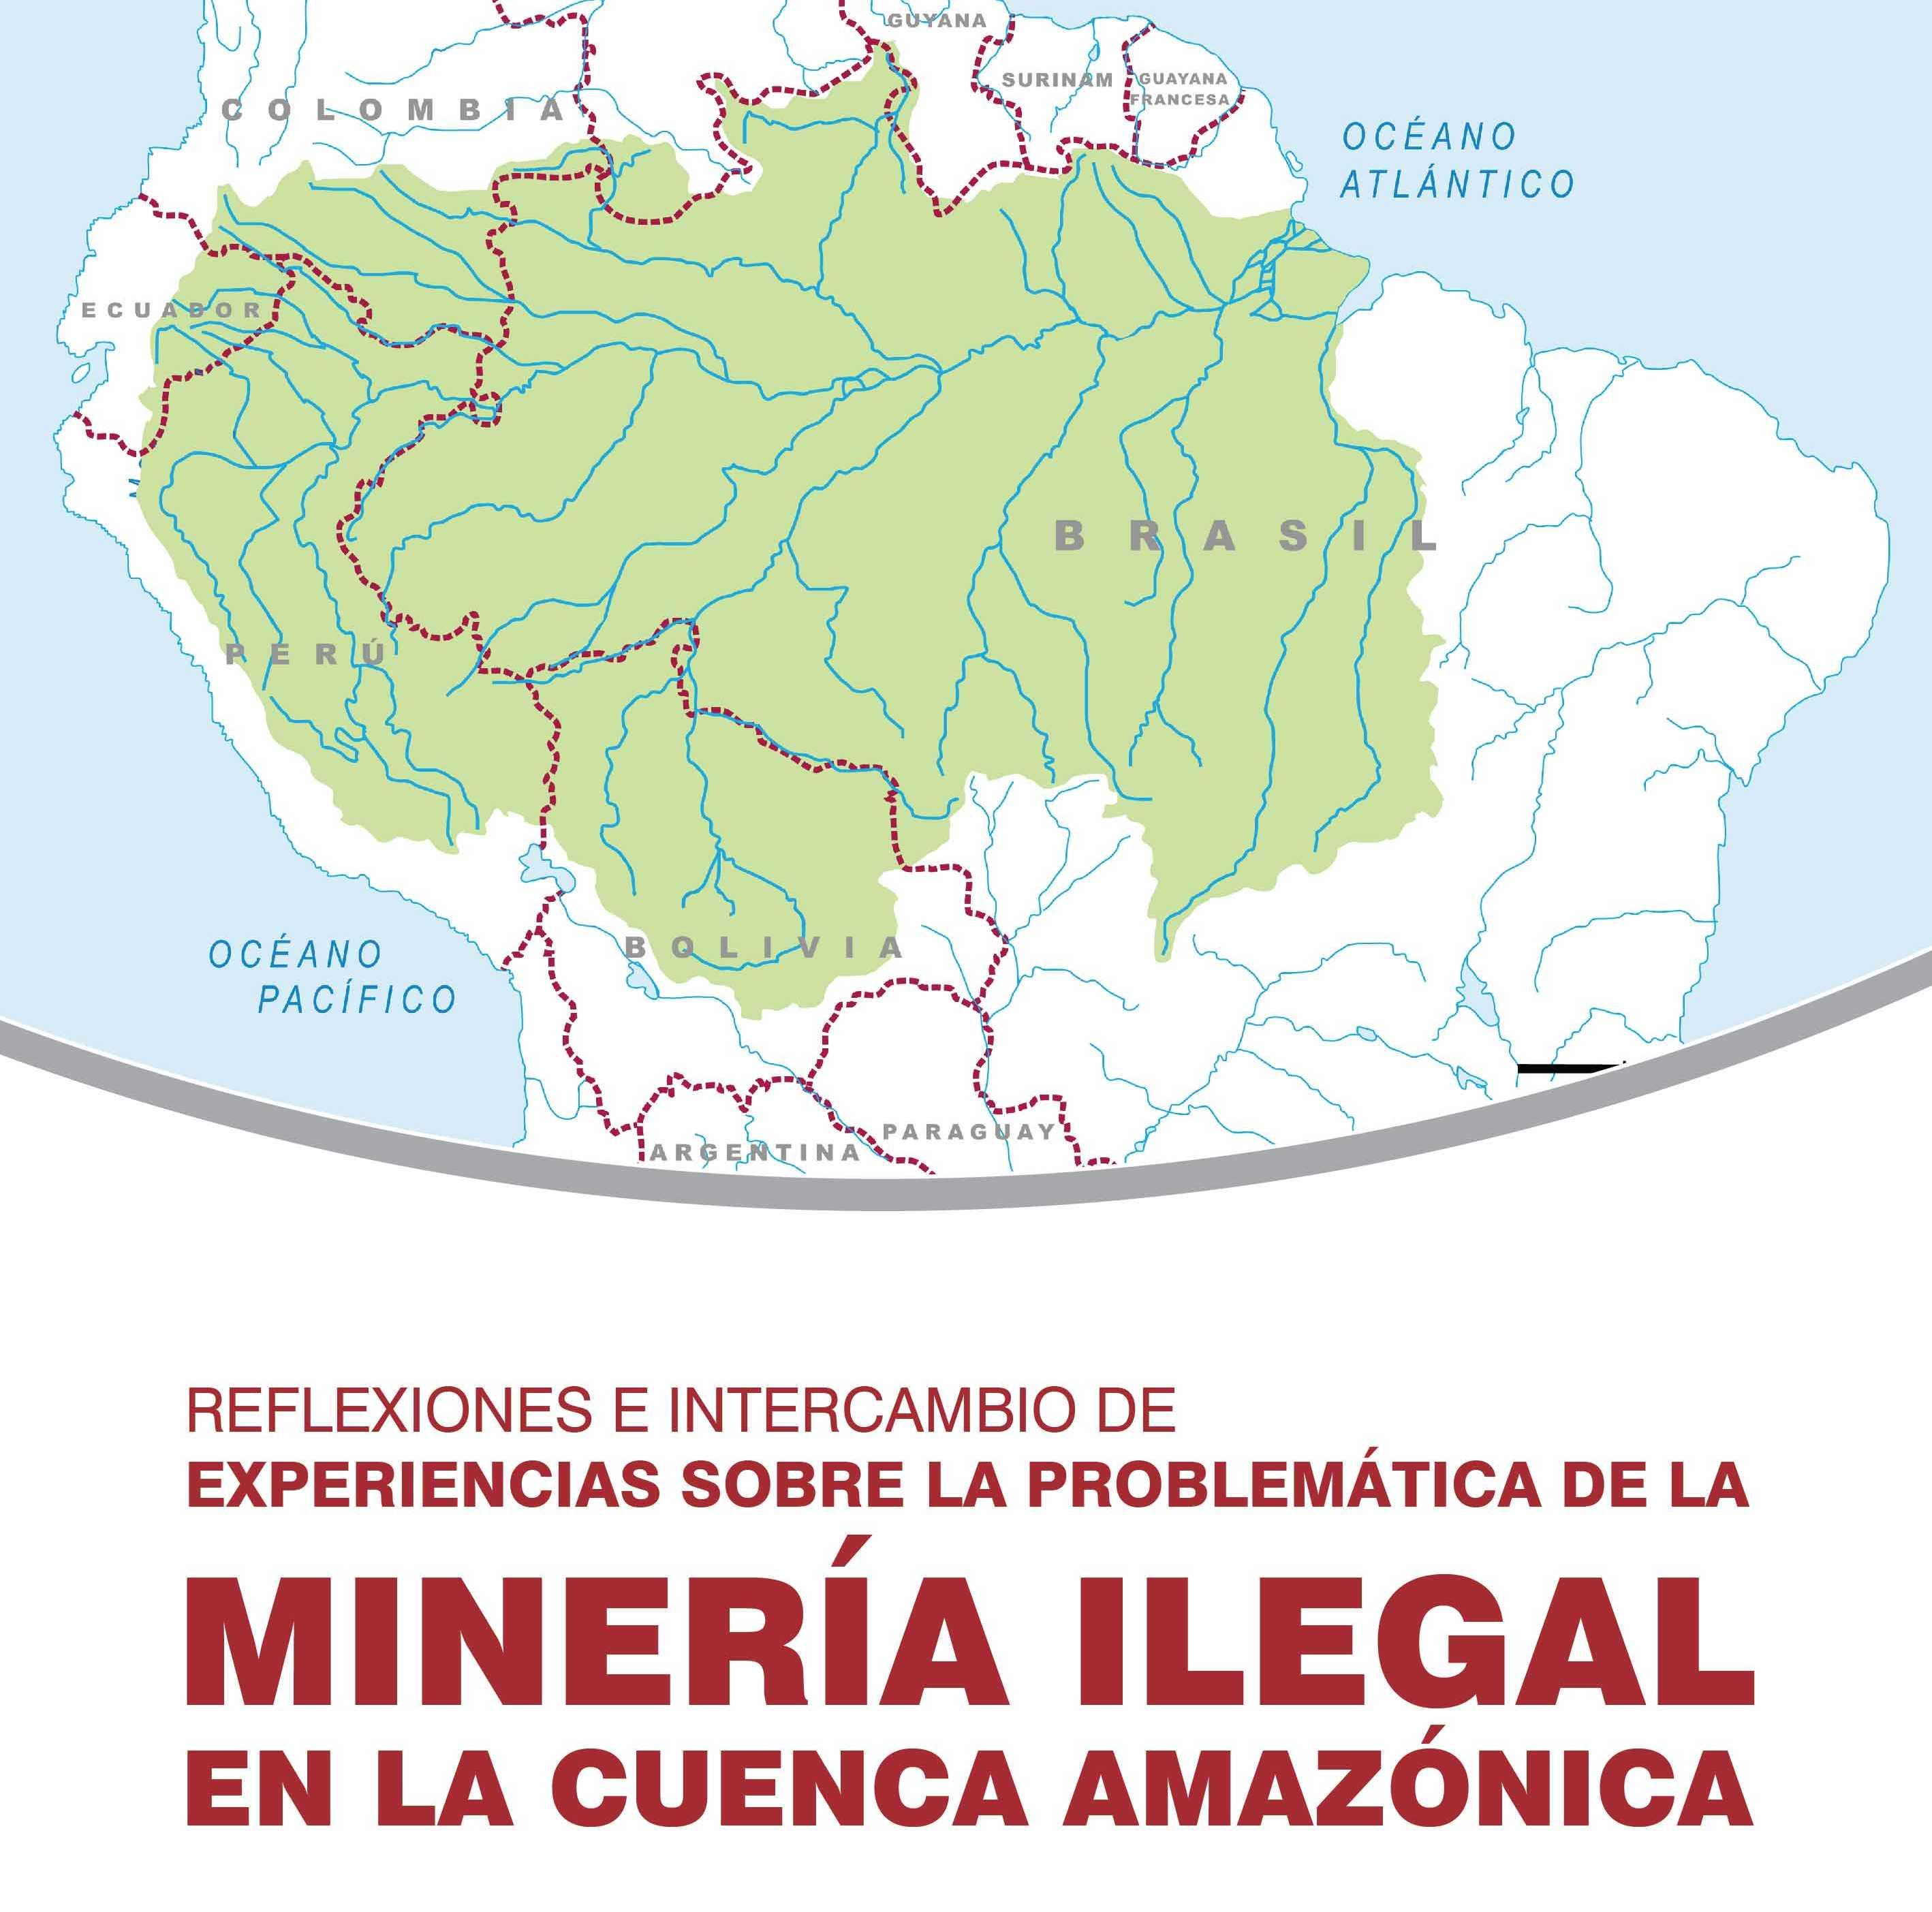 Expertos de seis países analizarán impactos de la minería ilegal en cuenca amazónica